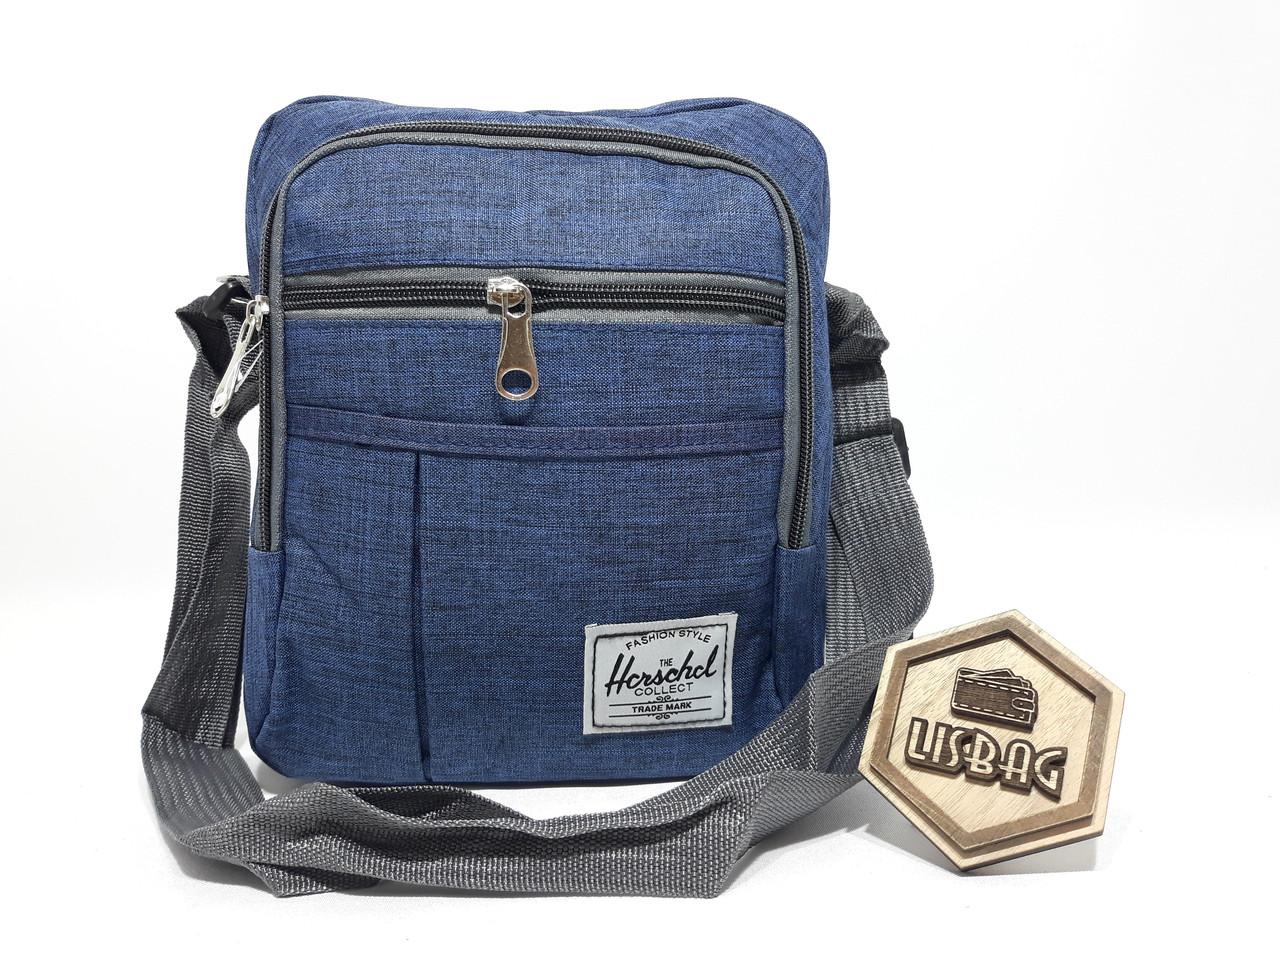 cbf7de7d7064 ... Чоловіча Синя сумка планшетка / барсетка середнього розміру спортивного  стилю, фото 10